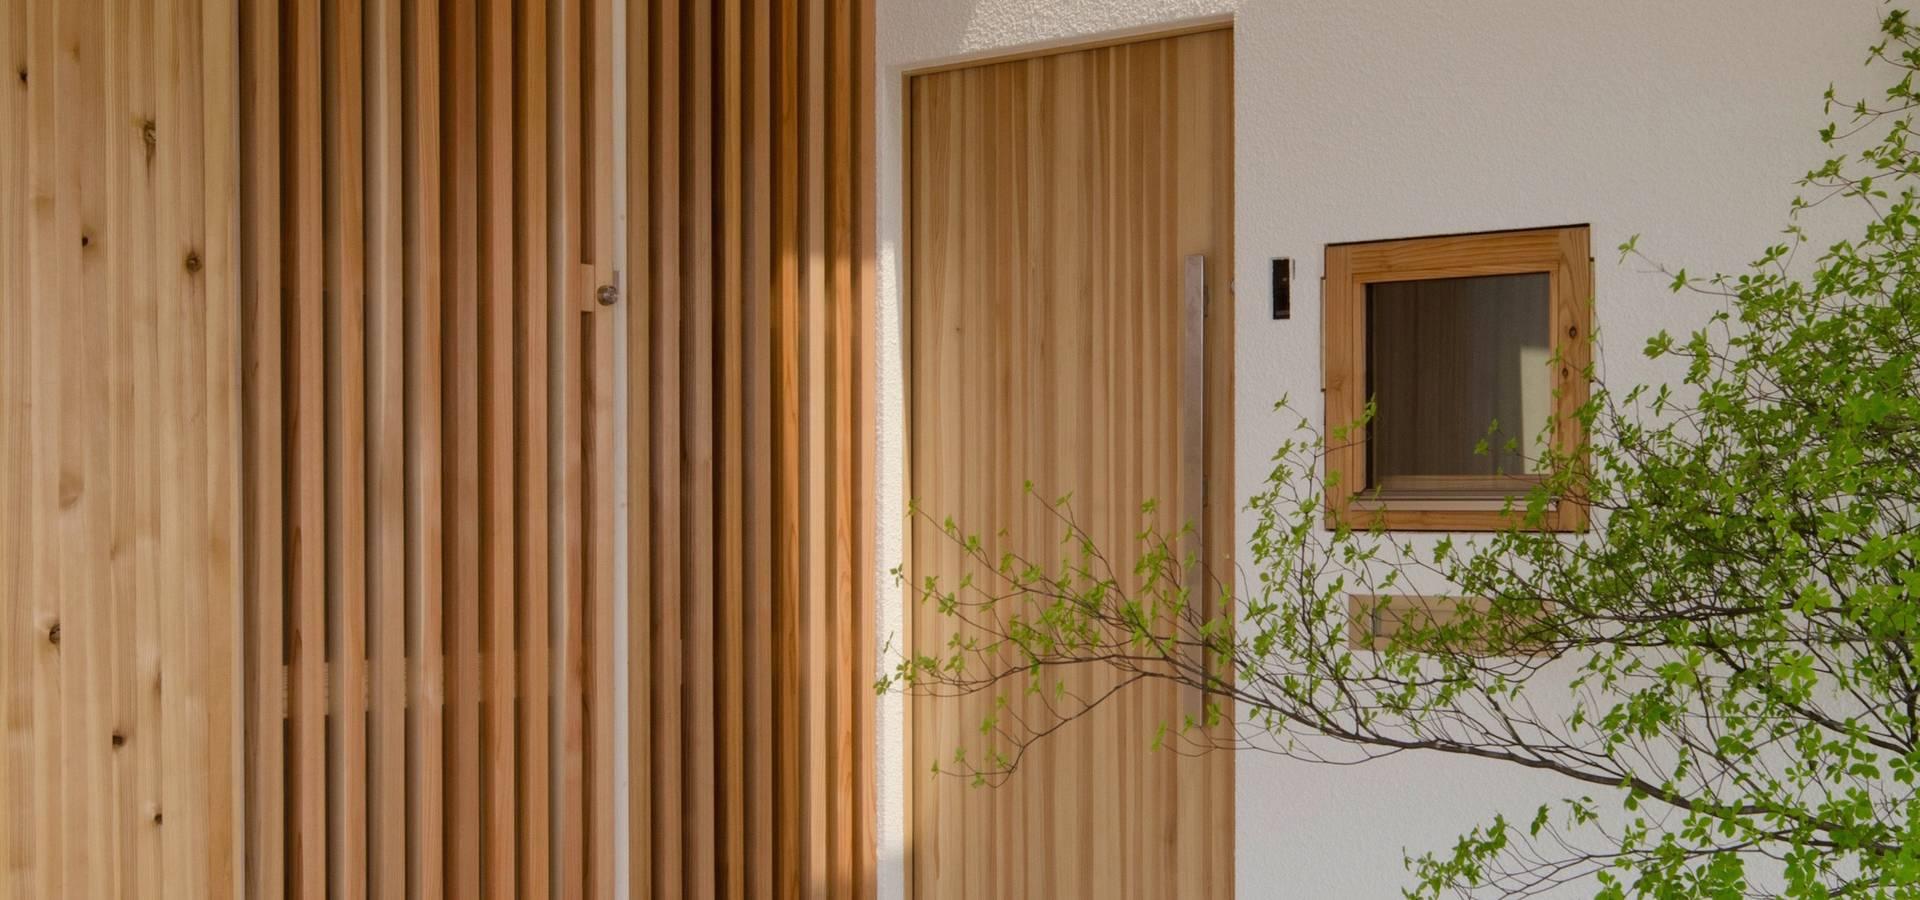 富樫雅行建築設計事務所